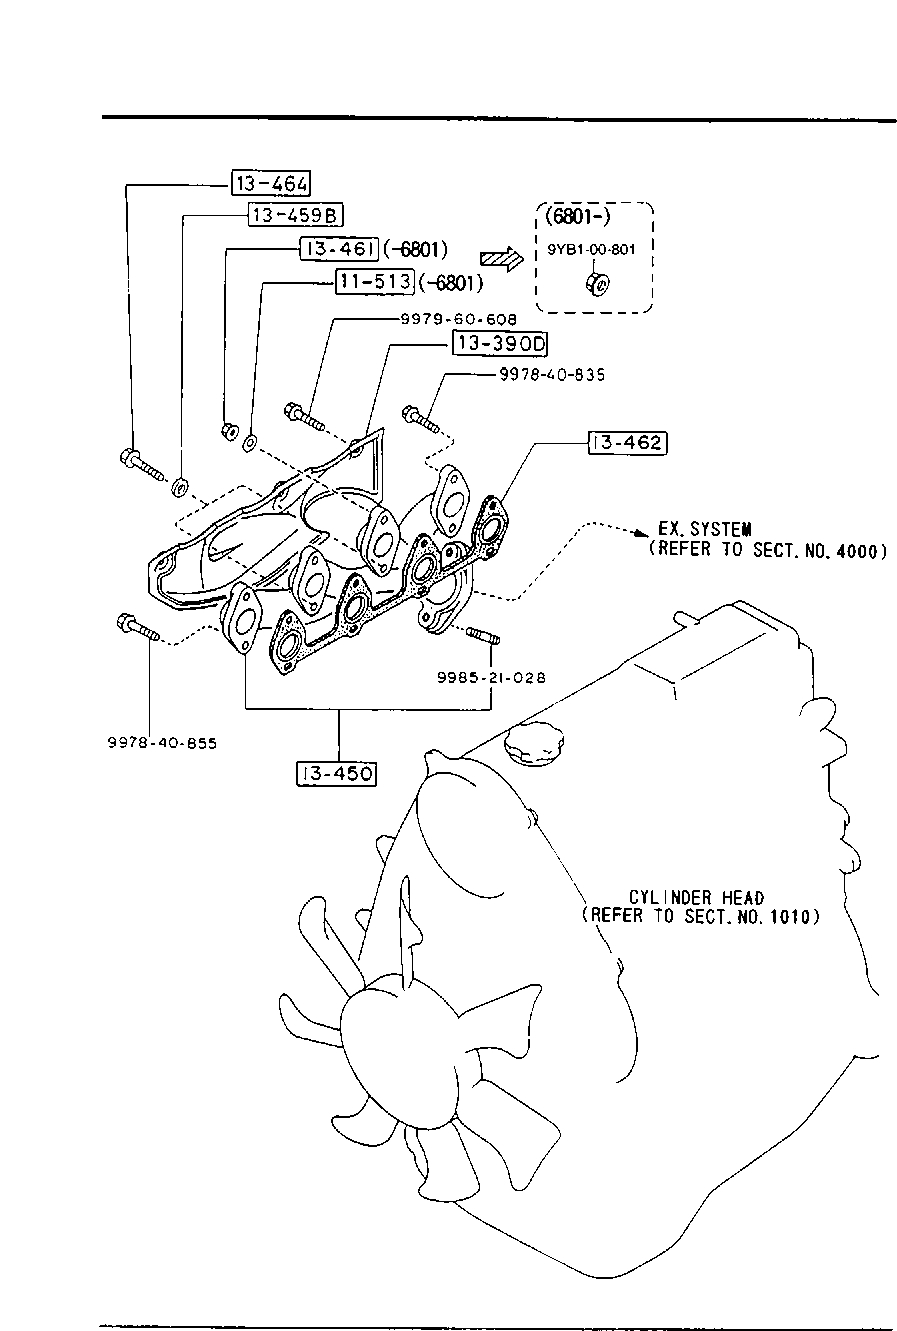 Europe, E2200 Sr 02/1988-, Diesel-Engine Supplement, 1310B with regard to Er Diagram 101